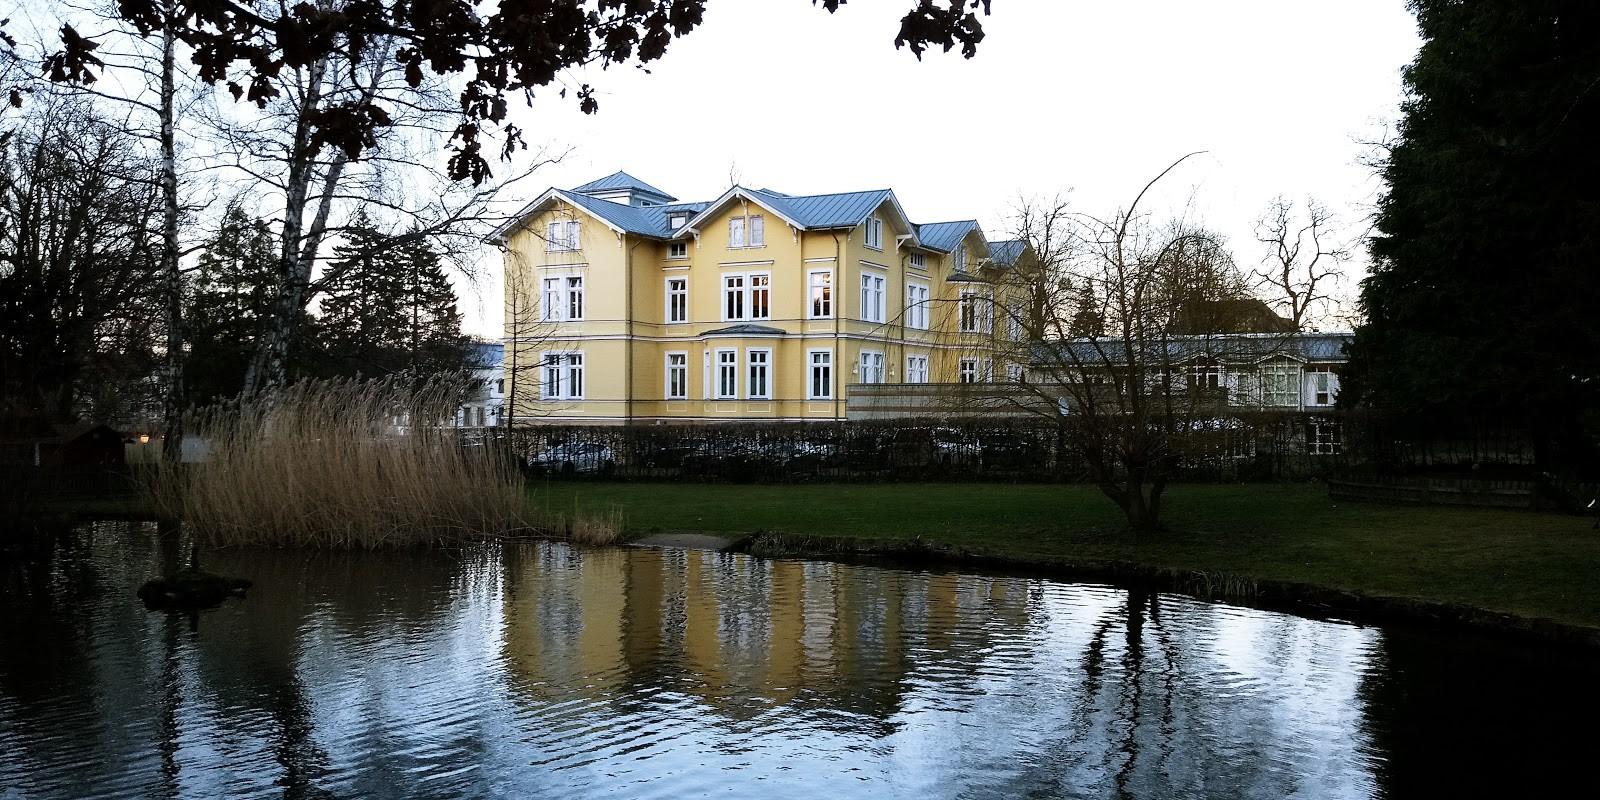 Stadtbücherei Bad Harzburg. Adolescence et bibliothèque